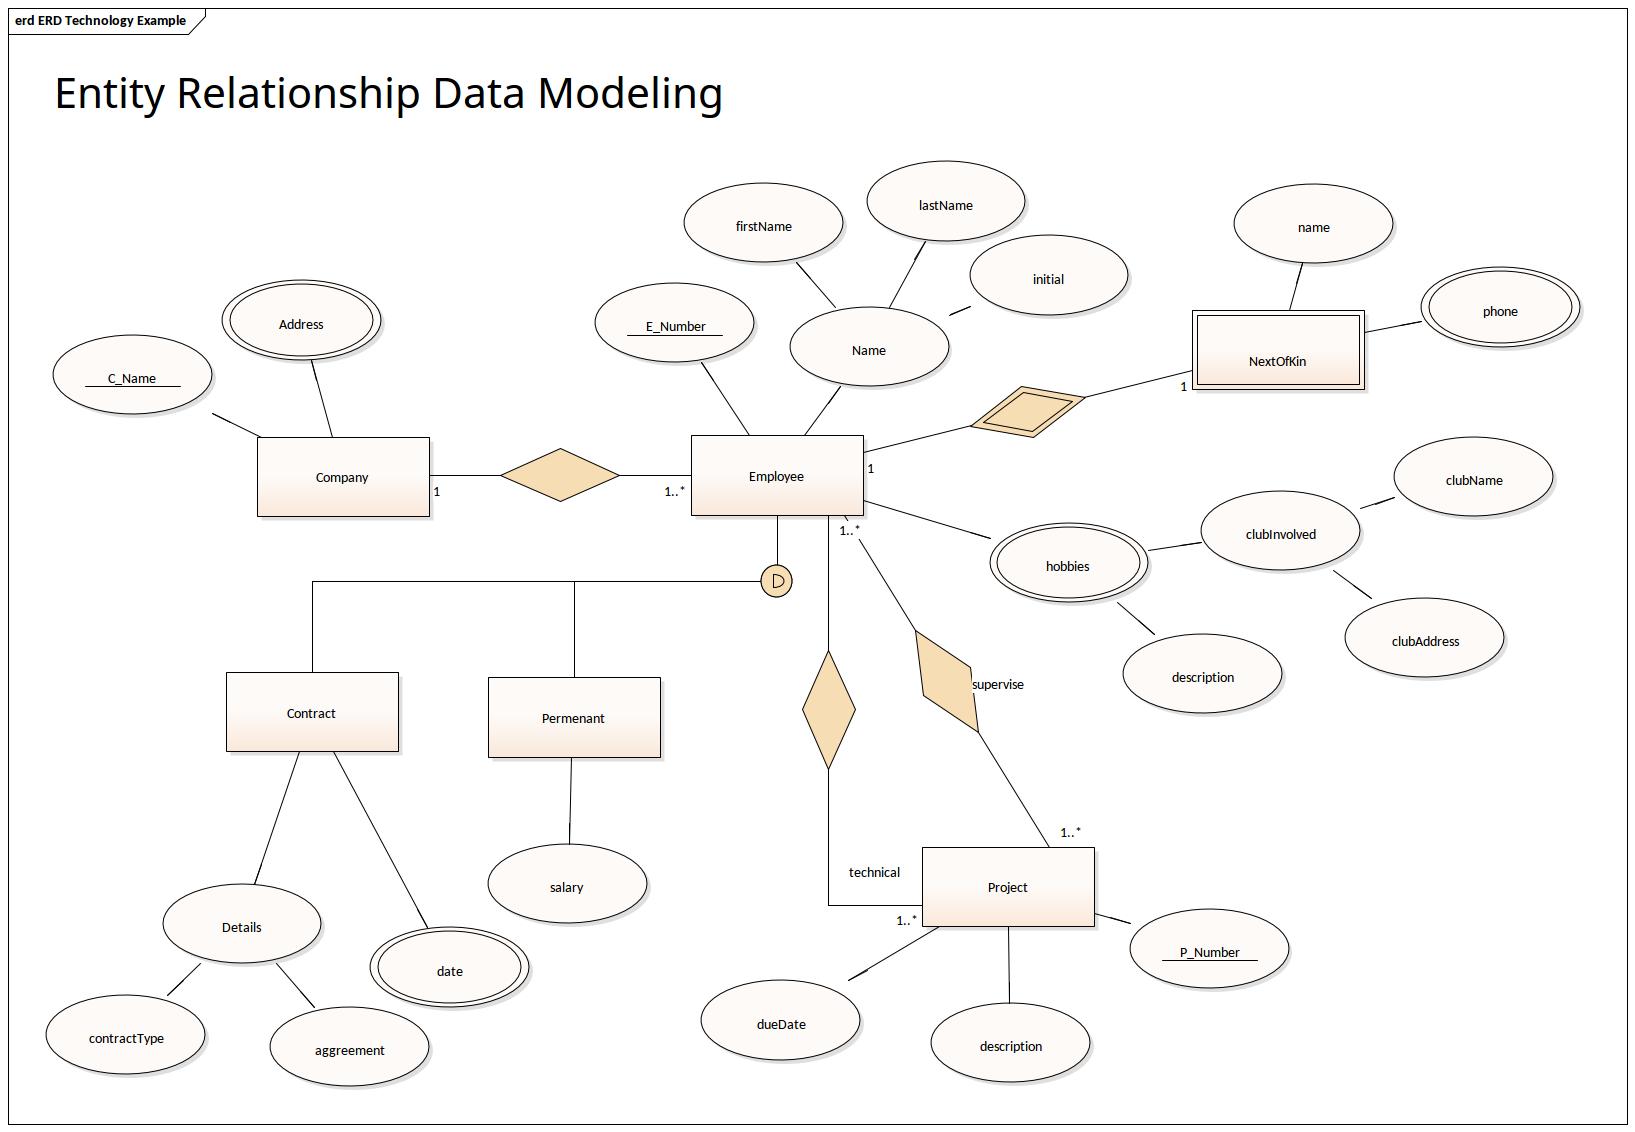 Entity Relationship Data Modeling | Enterprise Architect pertaining to Uml Entity Relationship Diagram